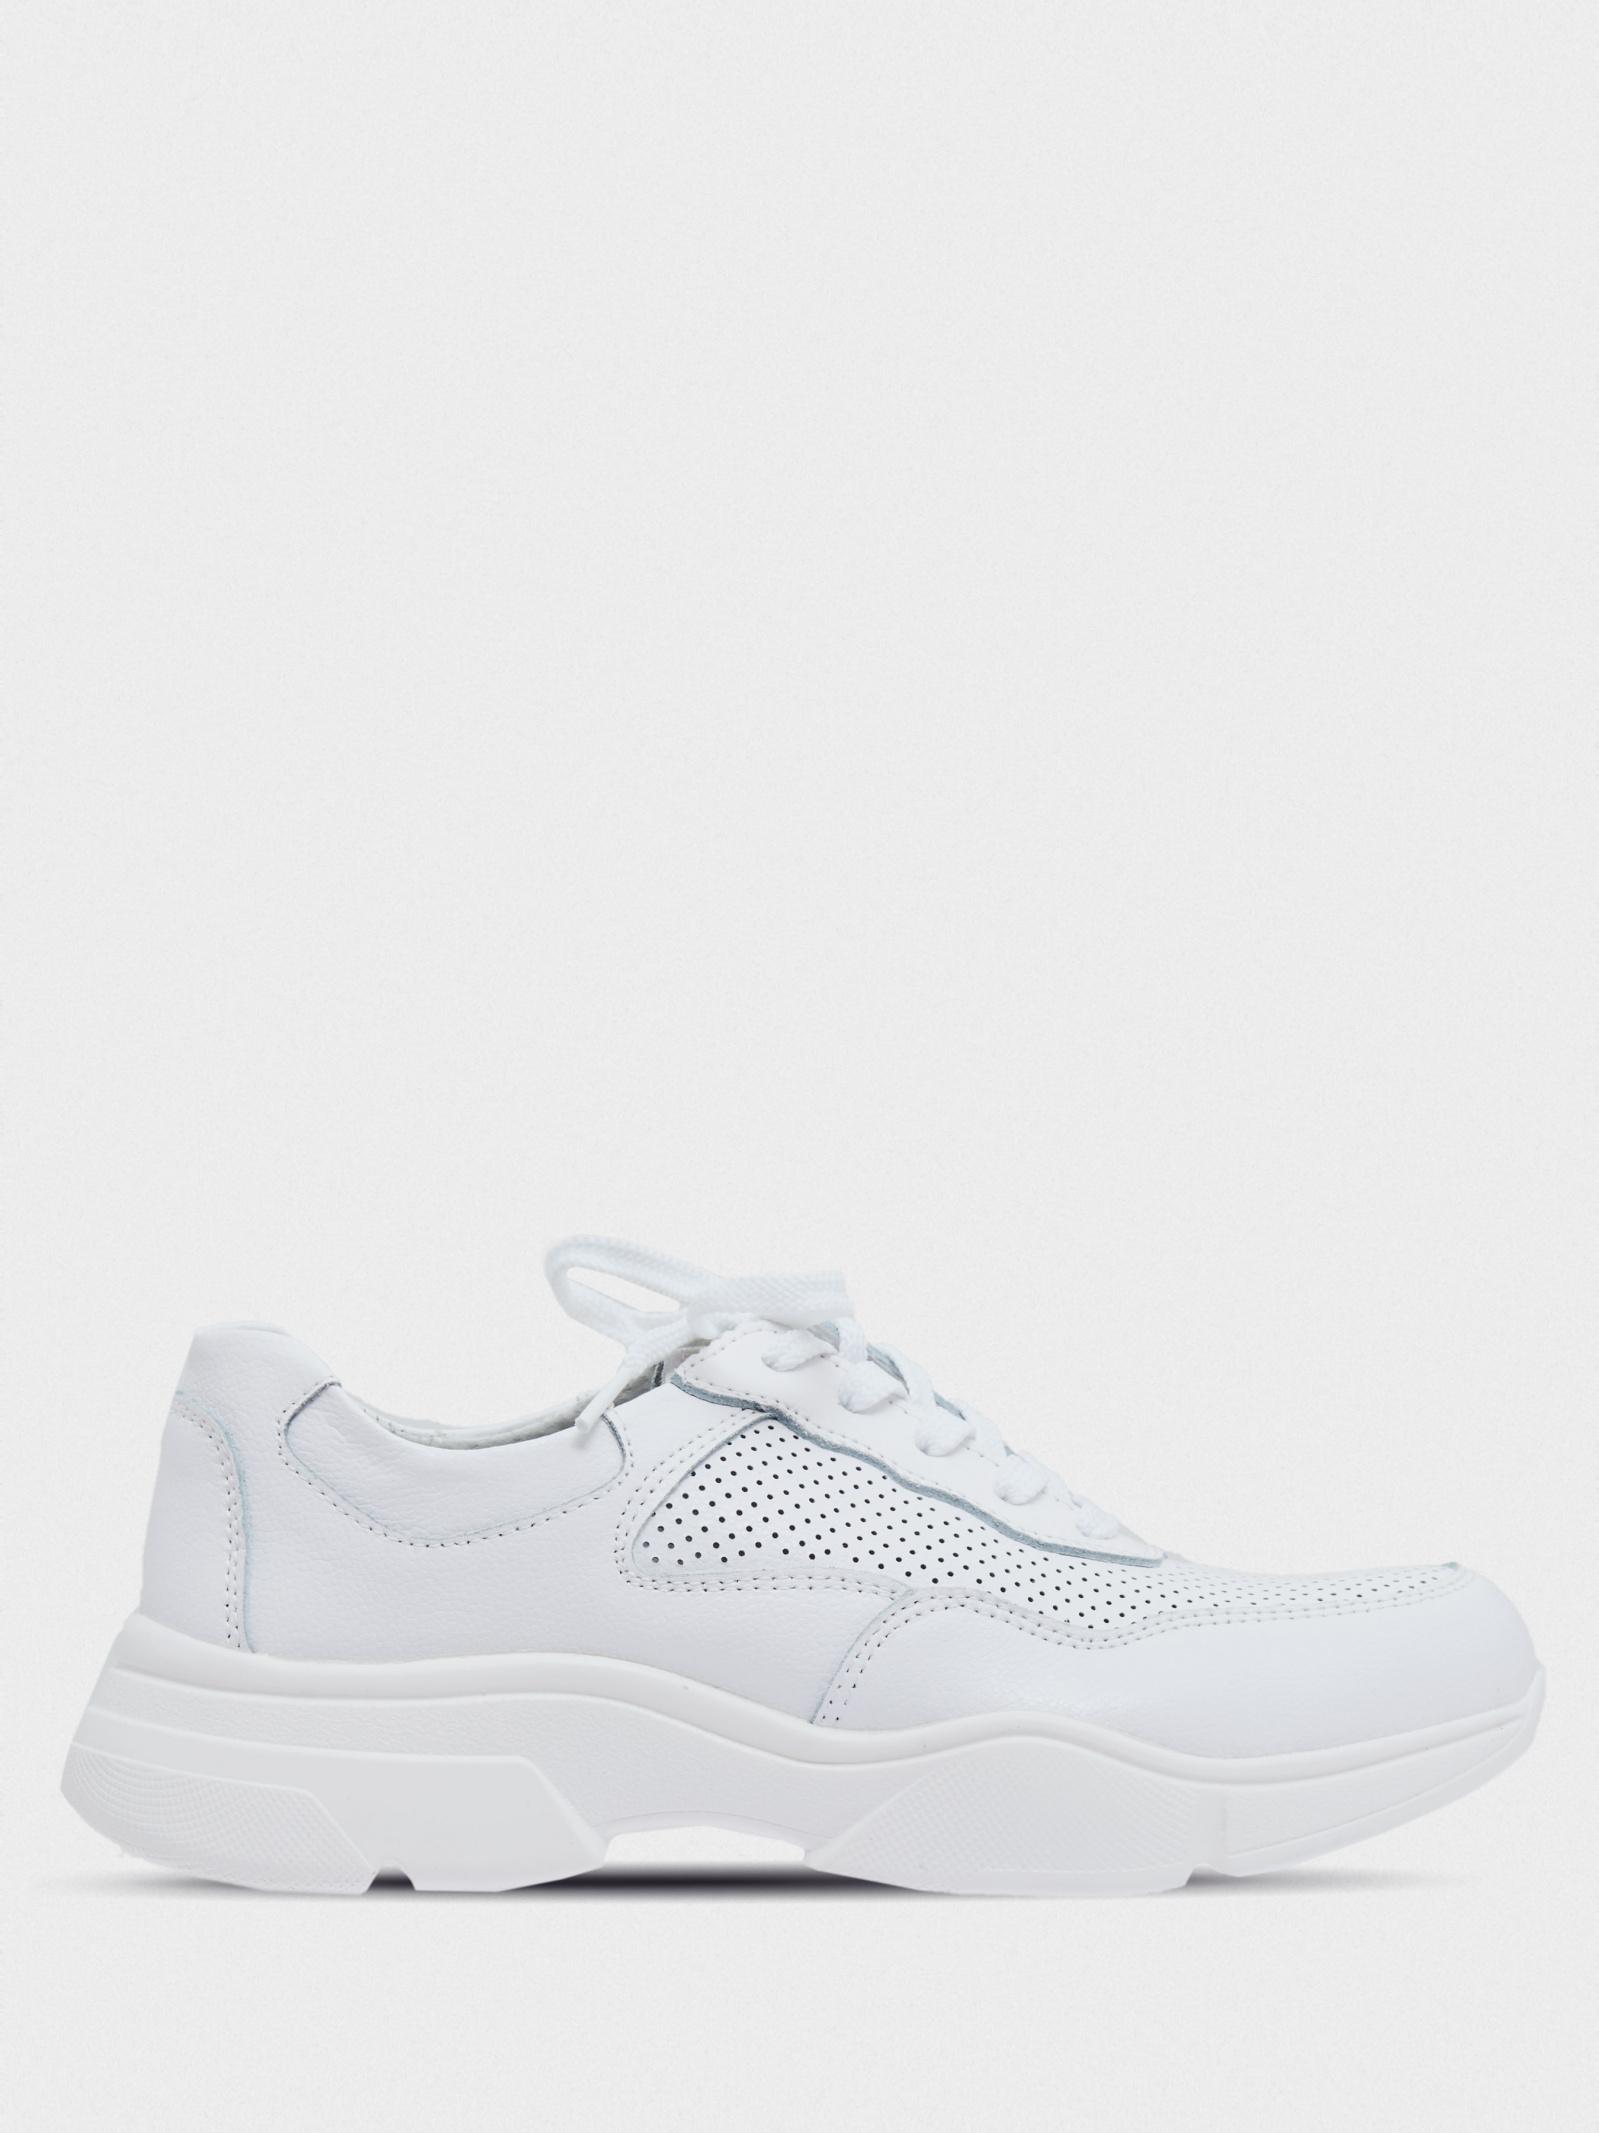 Кроссовки для женщин Braska 214-0173/102 купить обувь, 2017